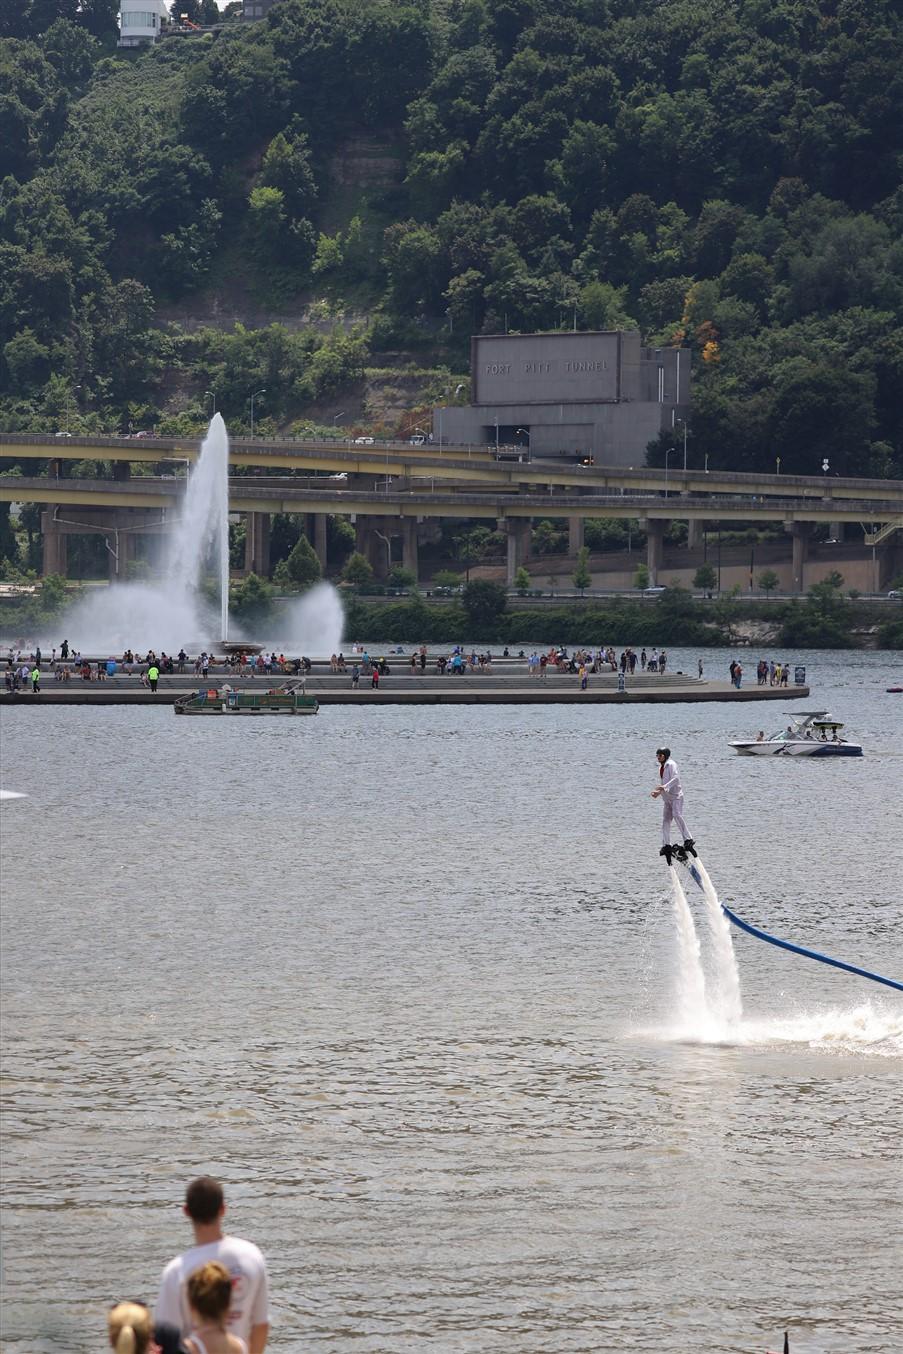 2018 08 04 155 Pittsburgh Three Rivers Regatta.jpg